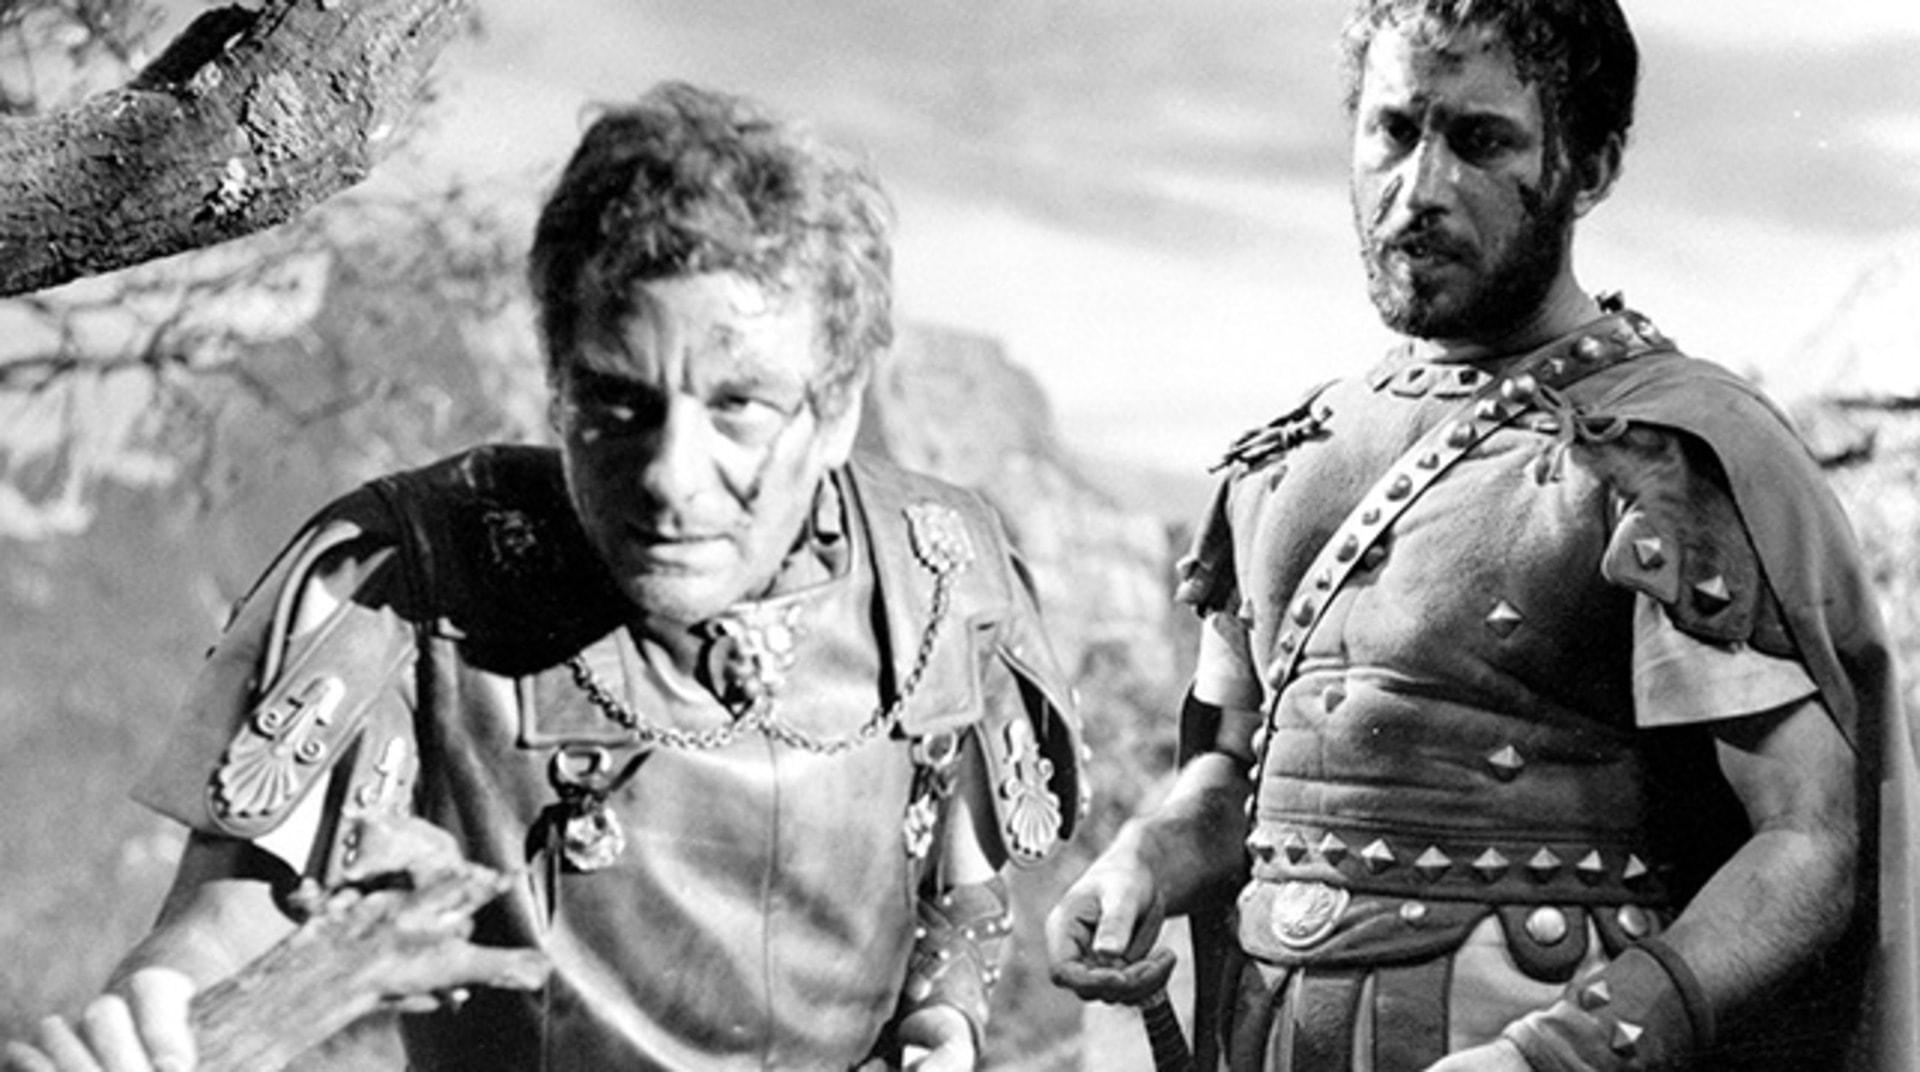 Julius Caesar - Image 3